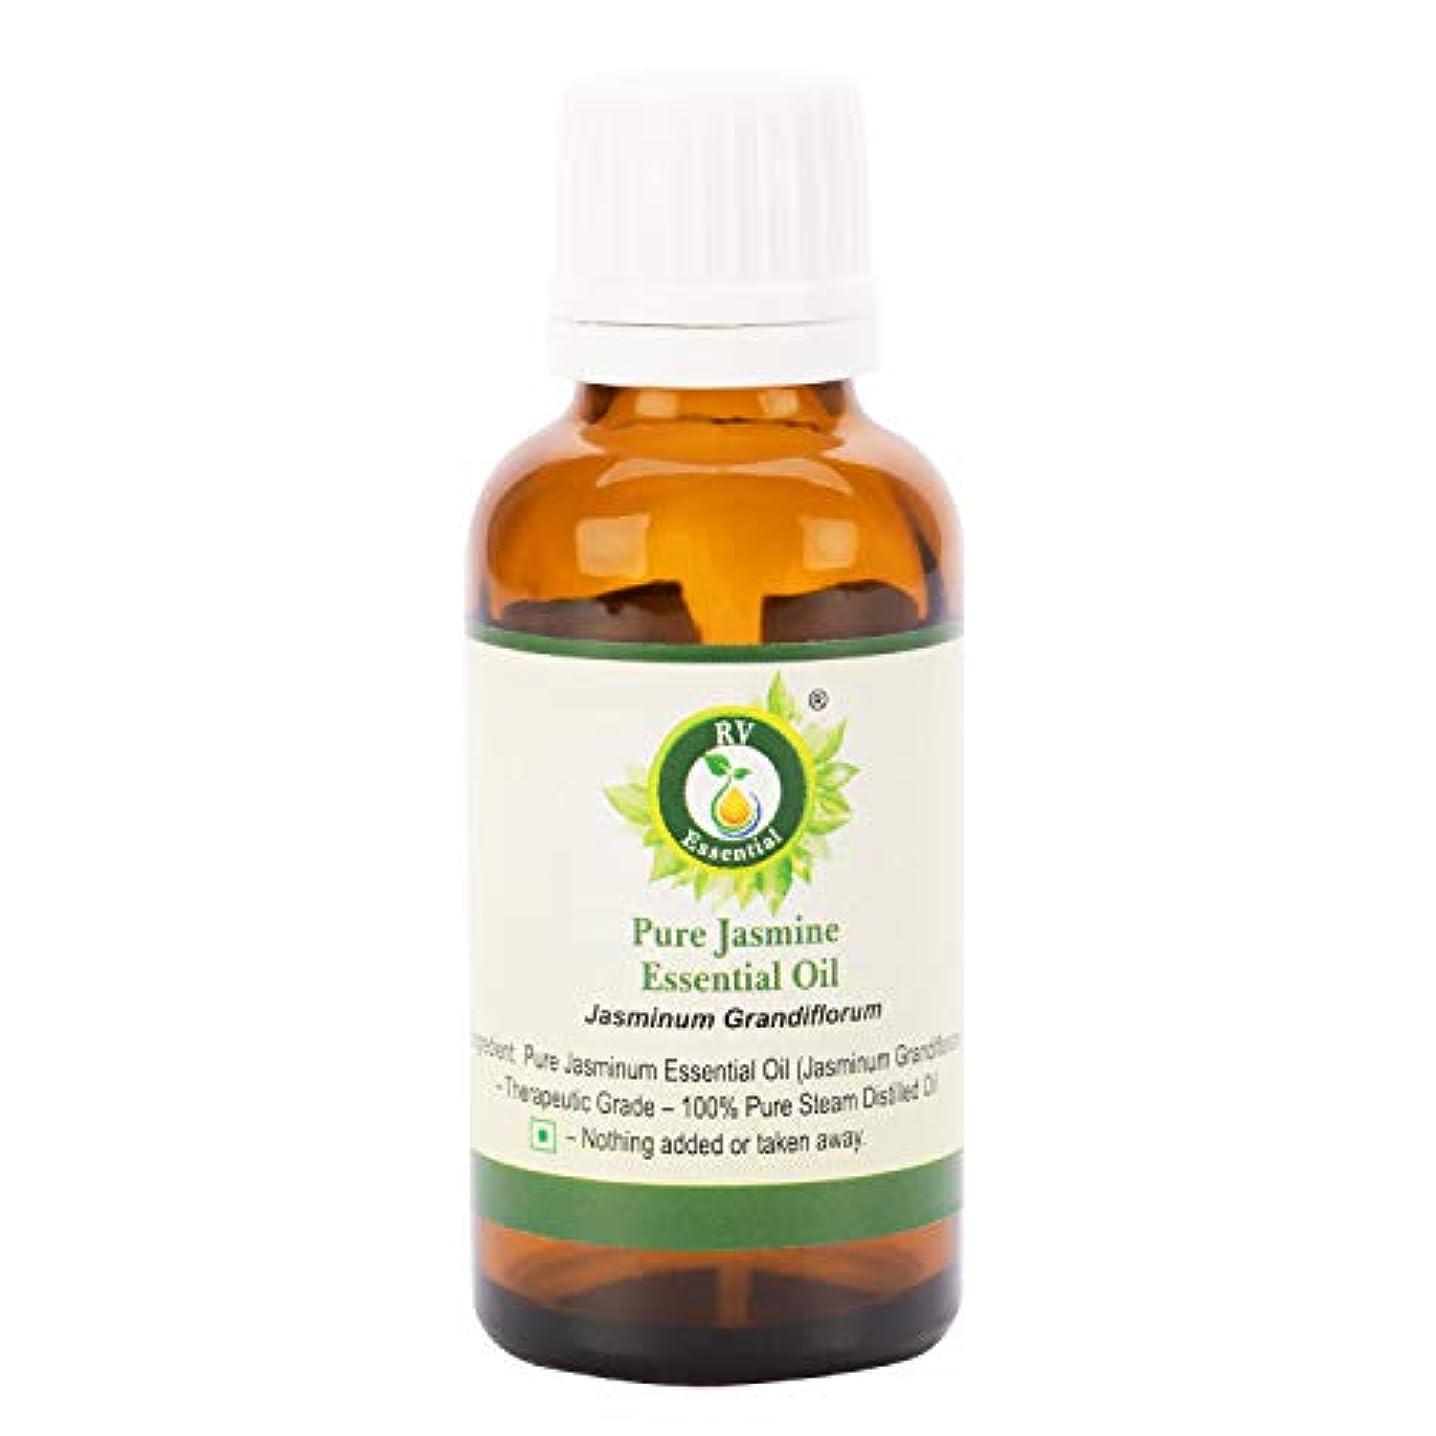 失礼な復活するファンシーピュアジャスミンエッセンシャルオイル100ml (3.38oz)- Jasminum Grandiflorum (100%純粋&天然スチームDistilled) Pure Jasmine Essential Oil